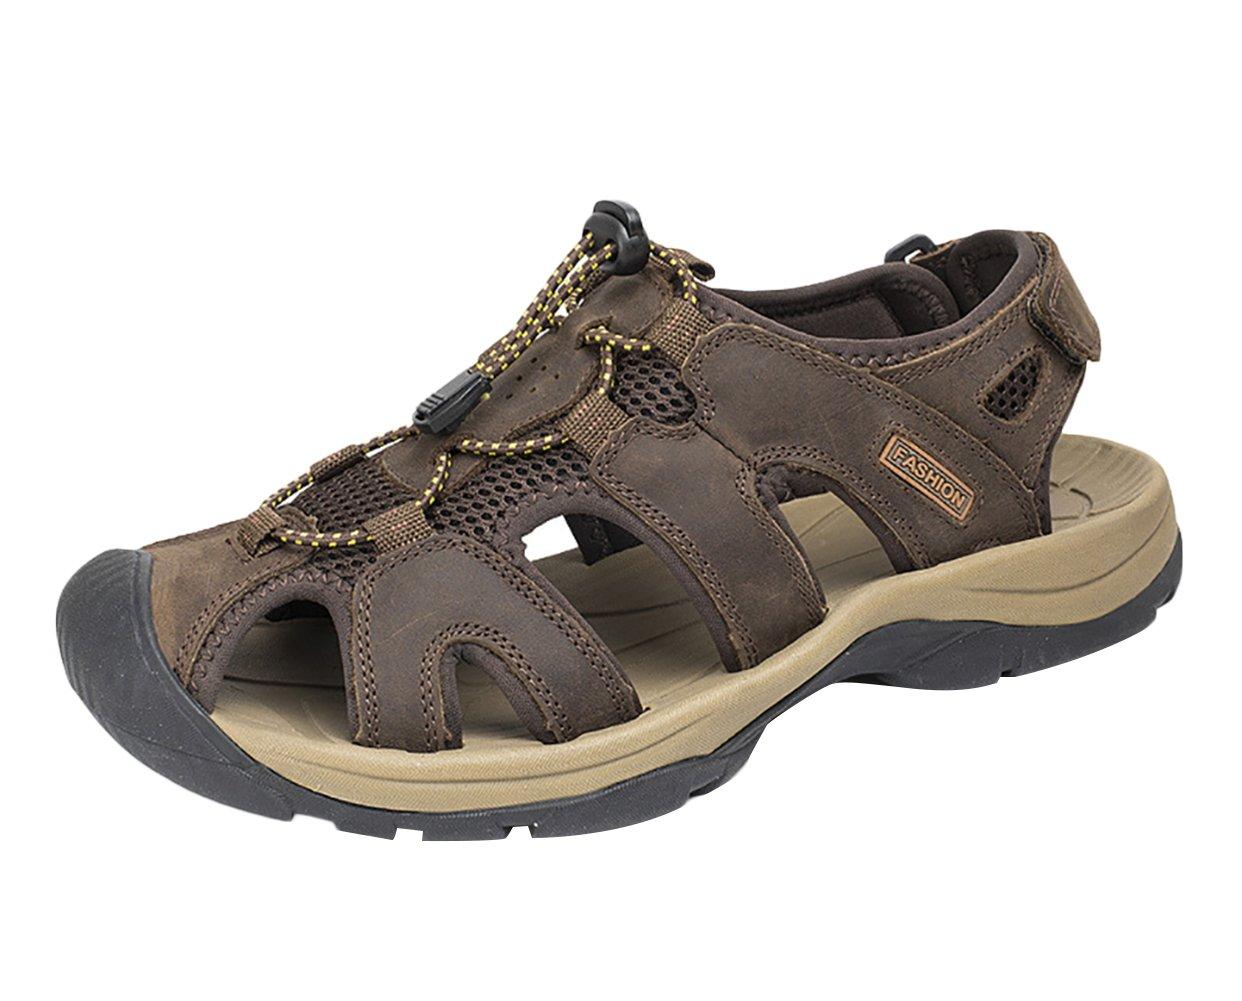 SK Studio Hombre Montaña Sandalias de Cuero Outdoor Punta Cerrada Zapatos Con Velcro 45 EU|Marron Oscuro